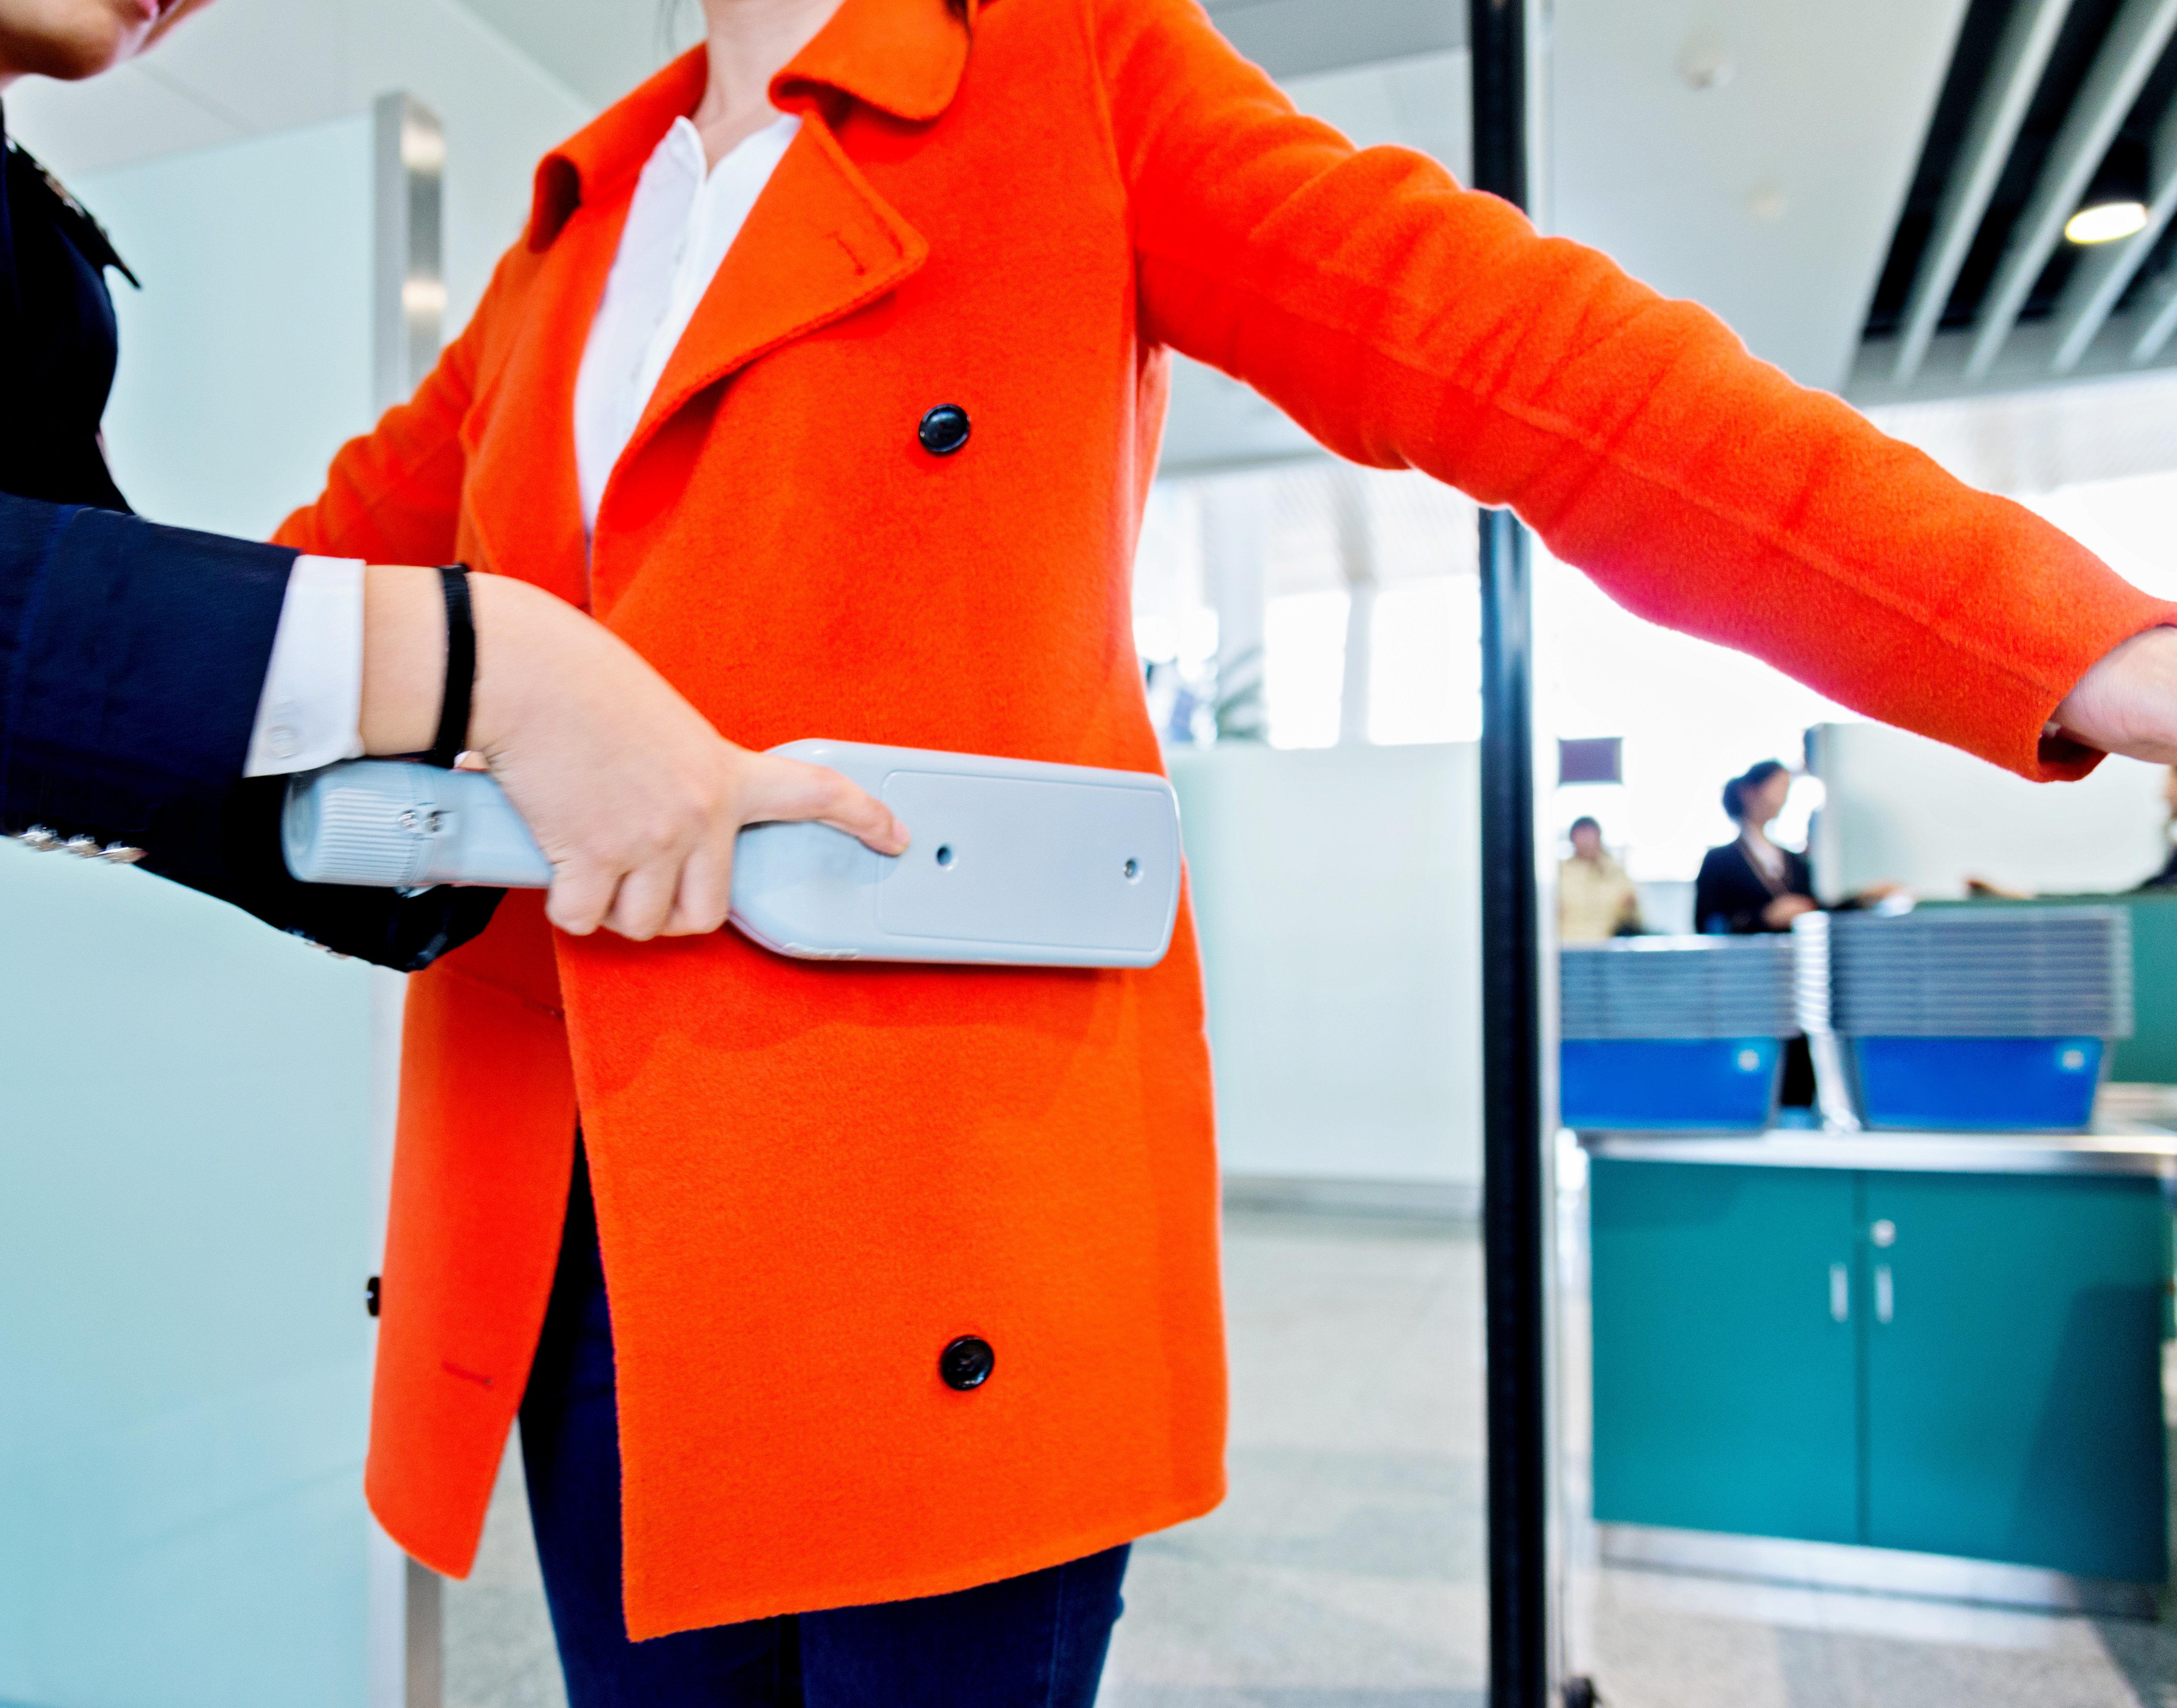 Sie musste ihre Brüste zeigen: Flughafen-Personal demütigt